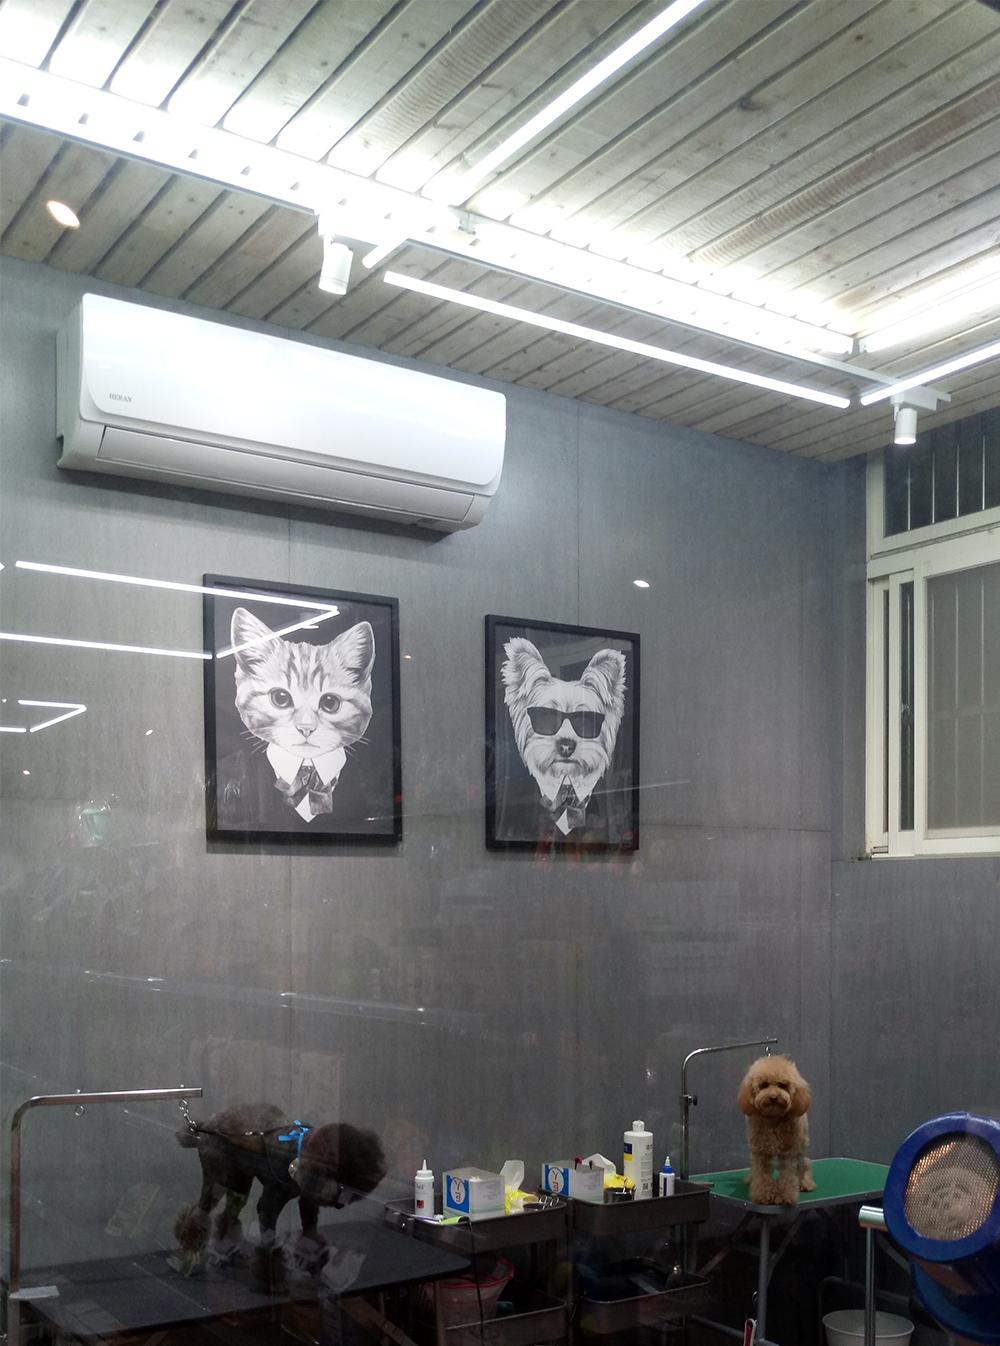 工業風\寵物室\嘟嘟寵物店\觀音區商業空間設計-狗,室內設計,室內裝潢,桃園室內設計,中壢室內設計,雅和室內設計,商空設計